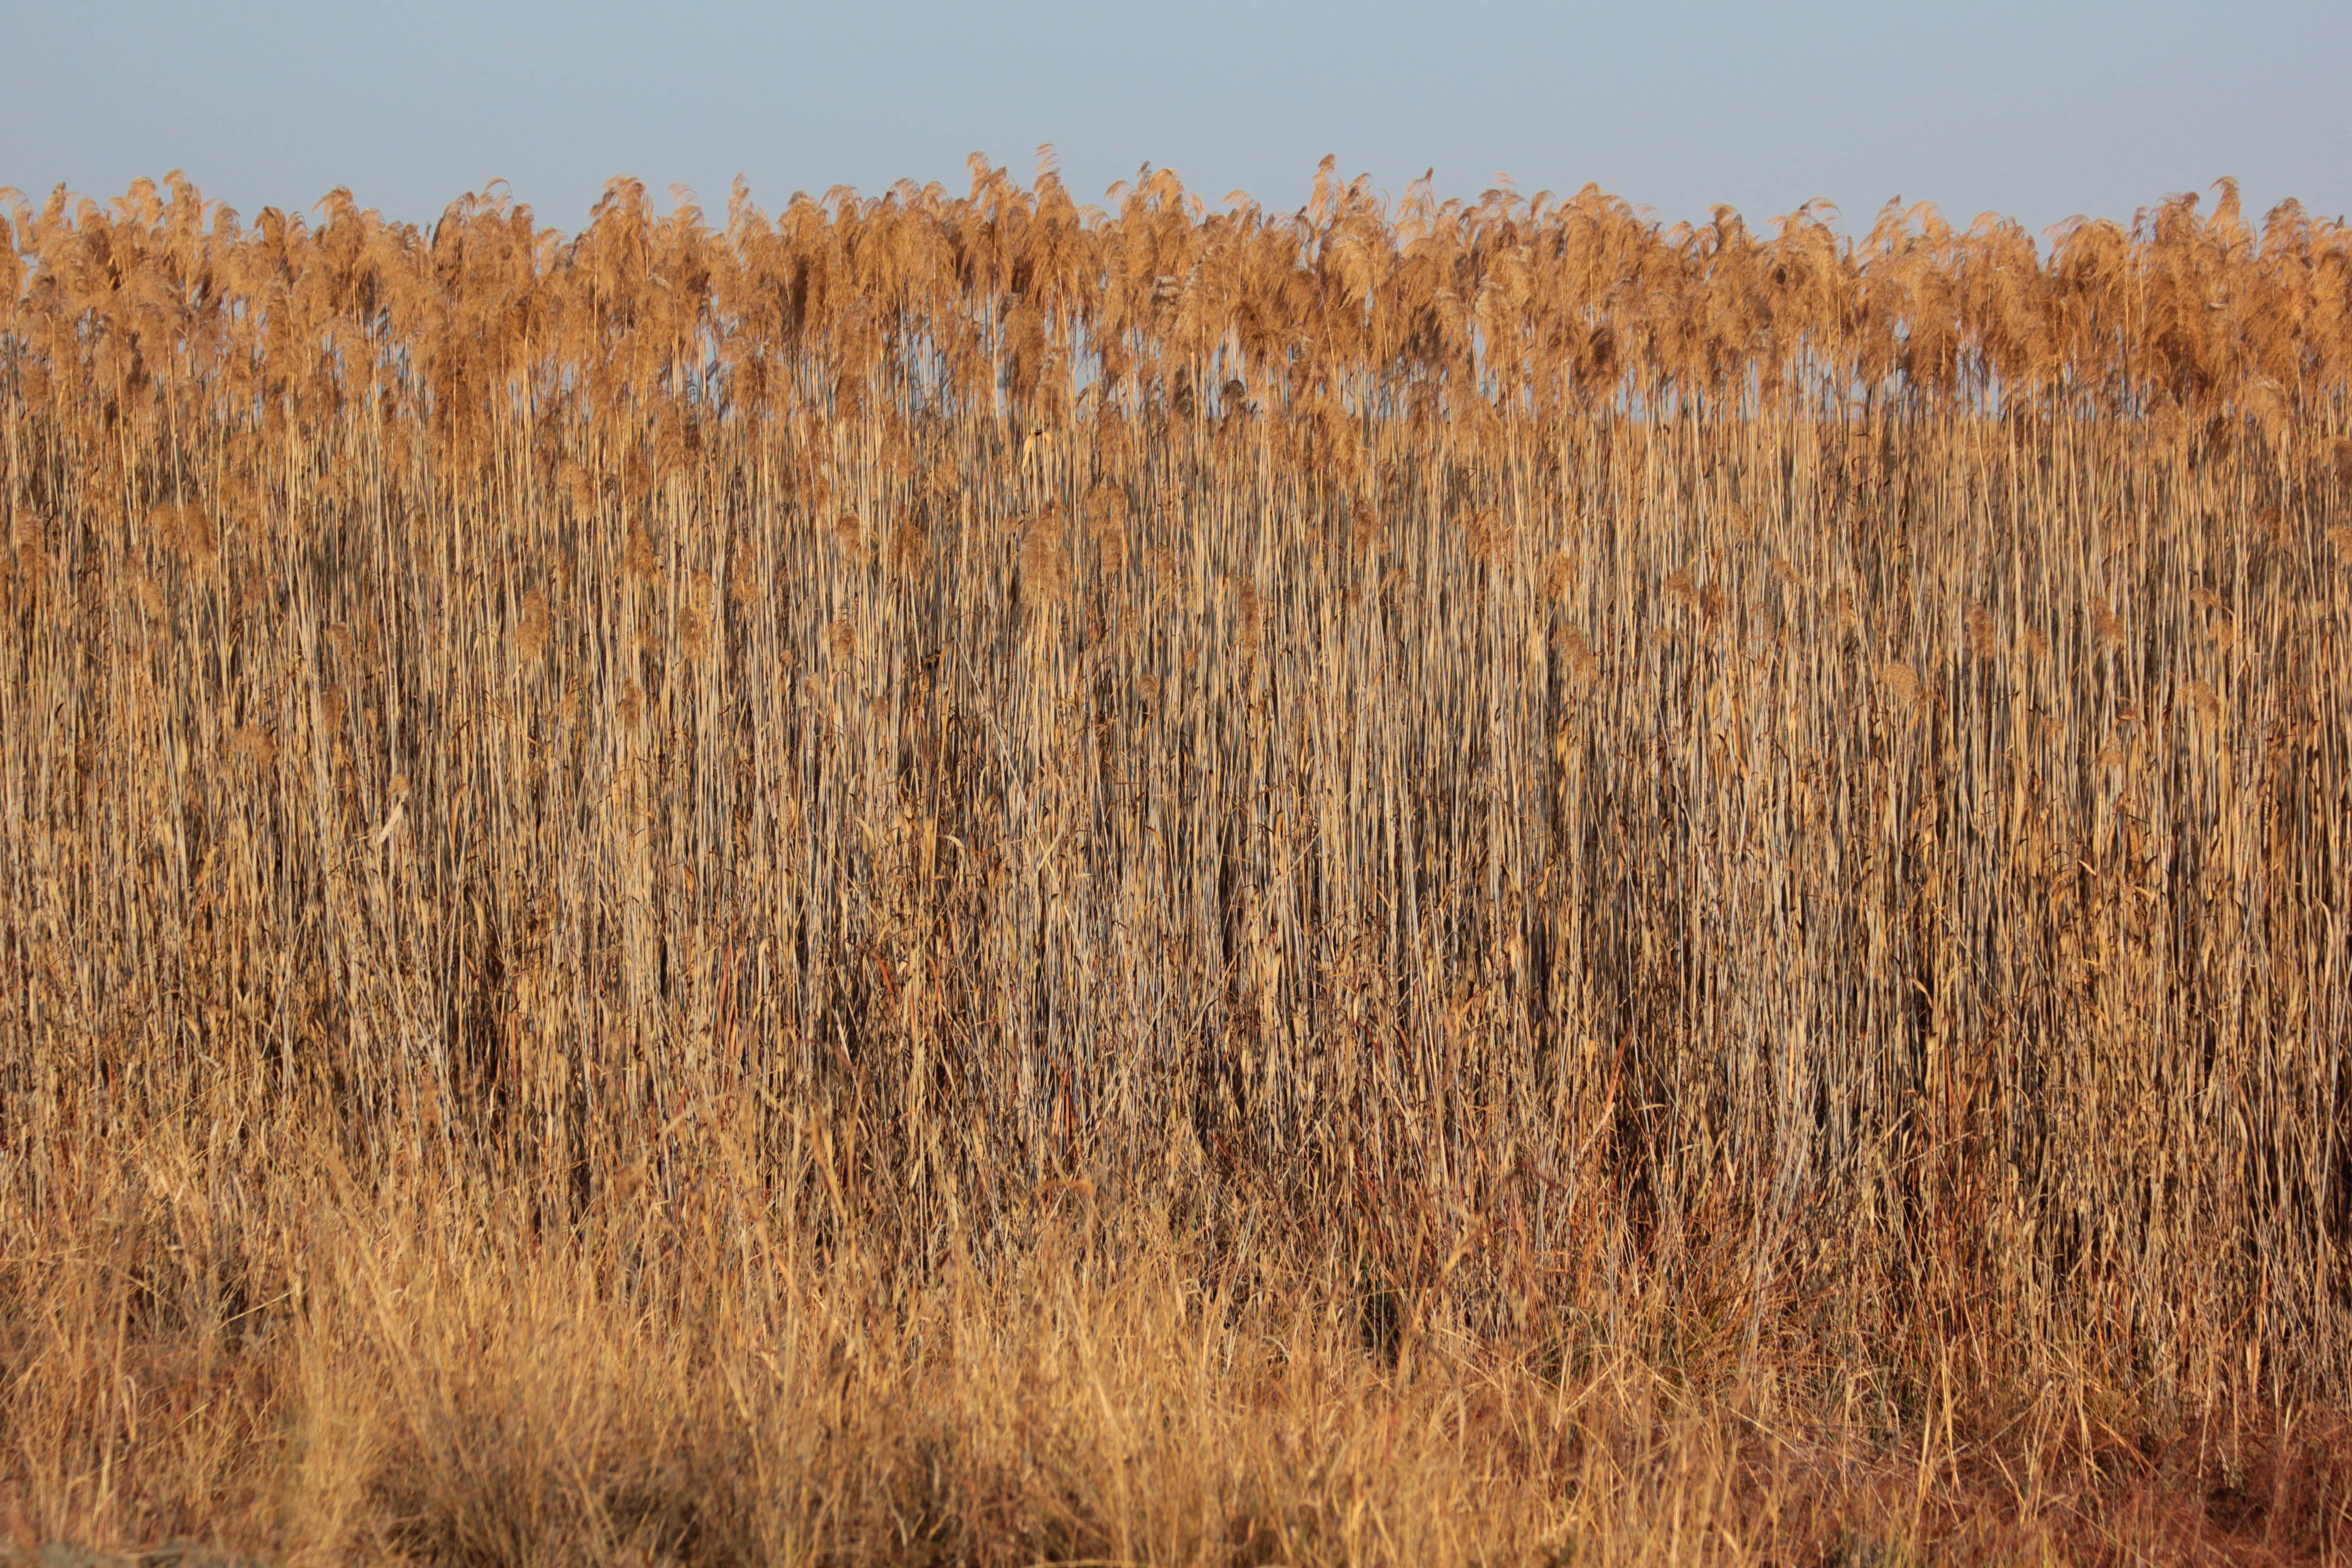 How does Savannah grass grow in the wet season?